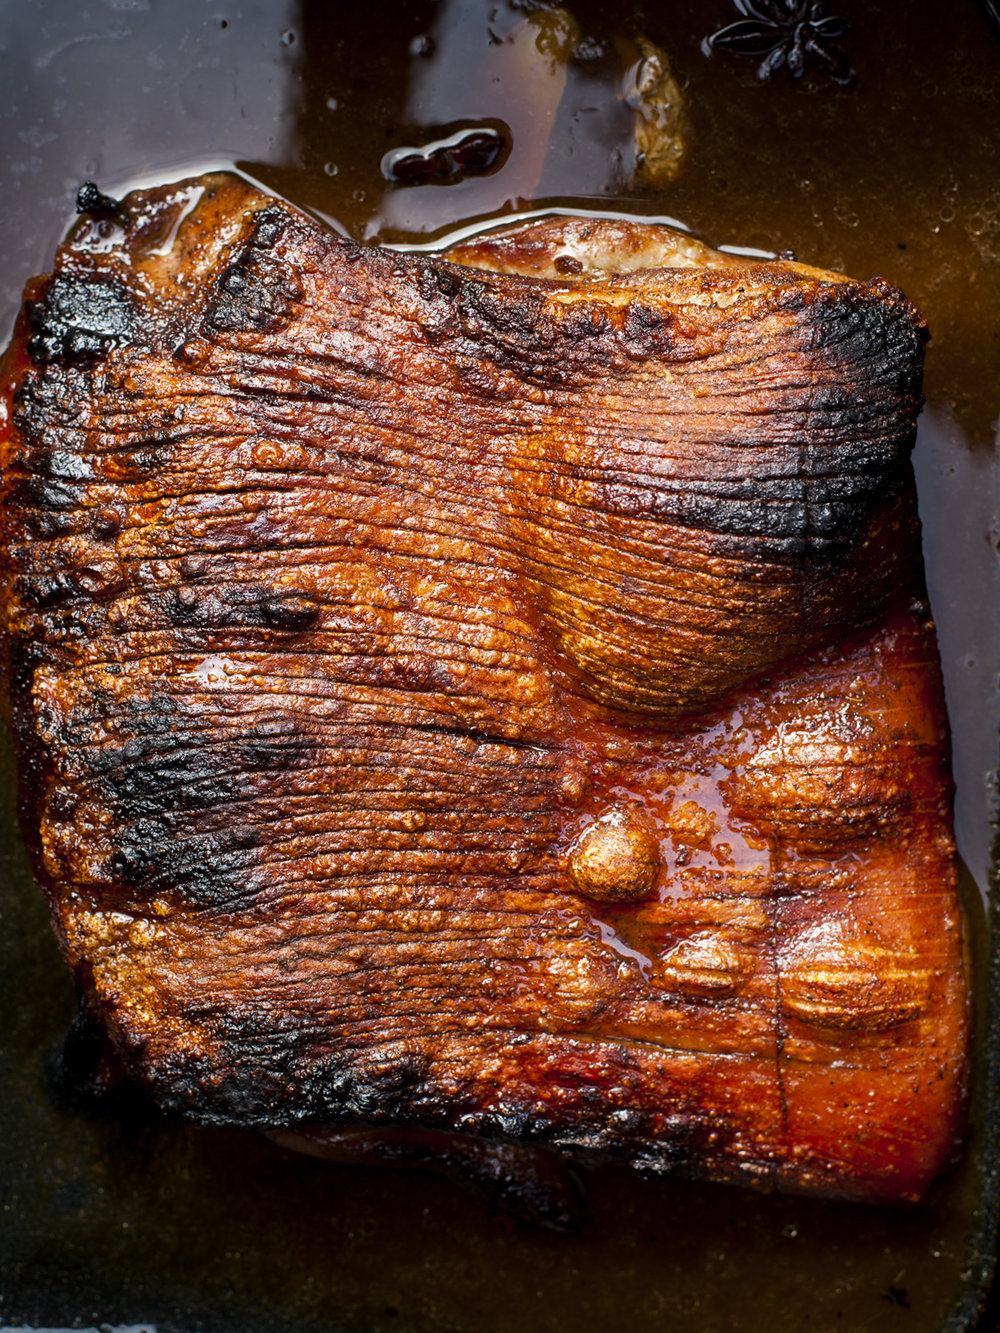 PorkBelly001.jpg